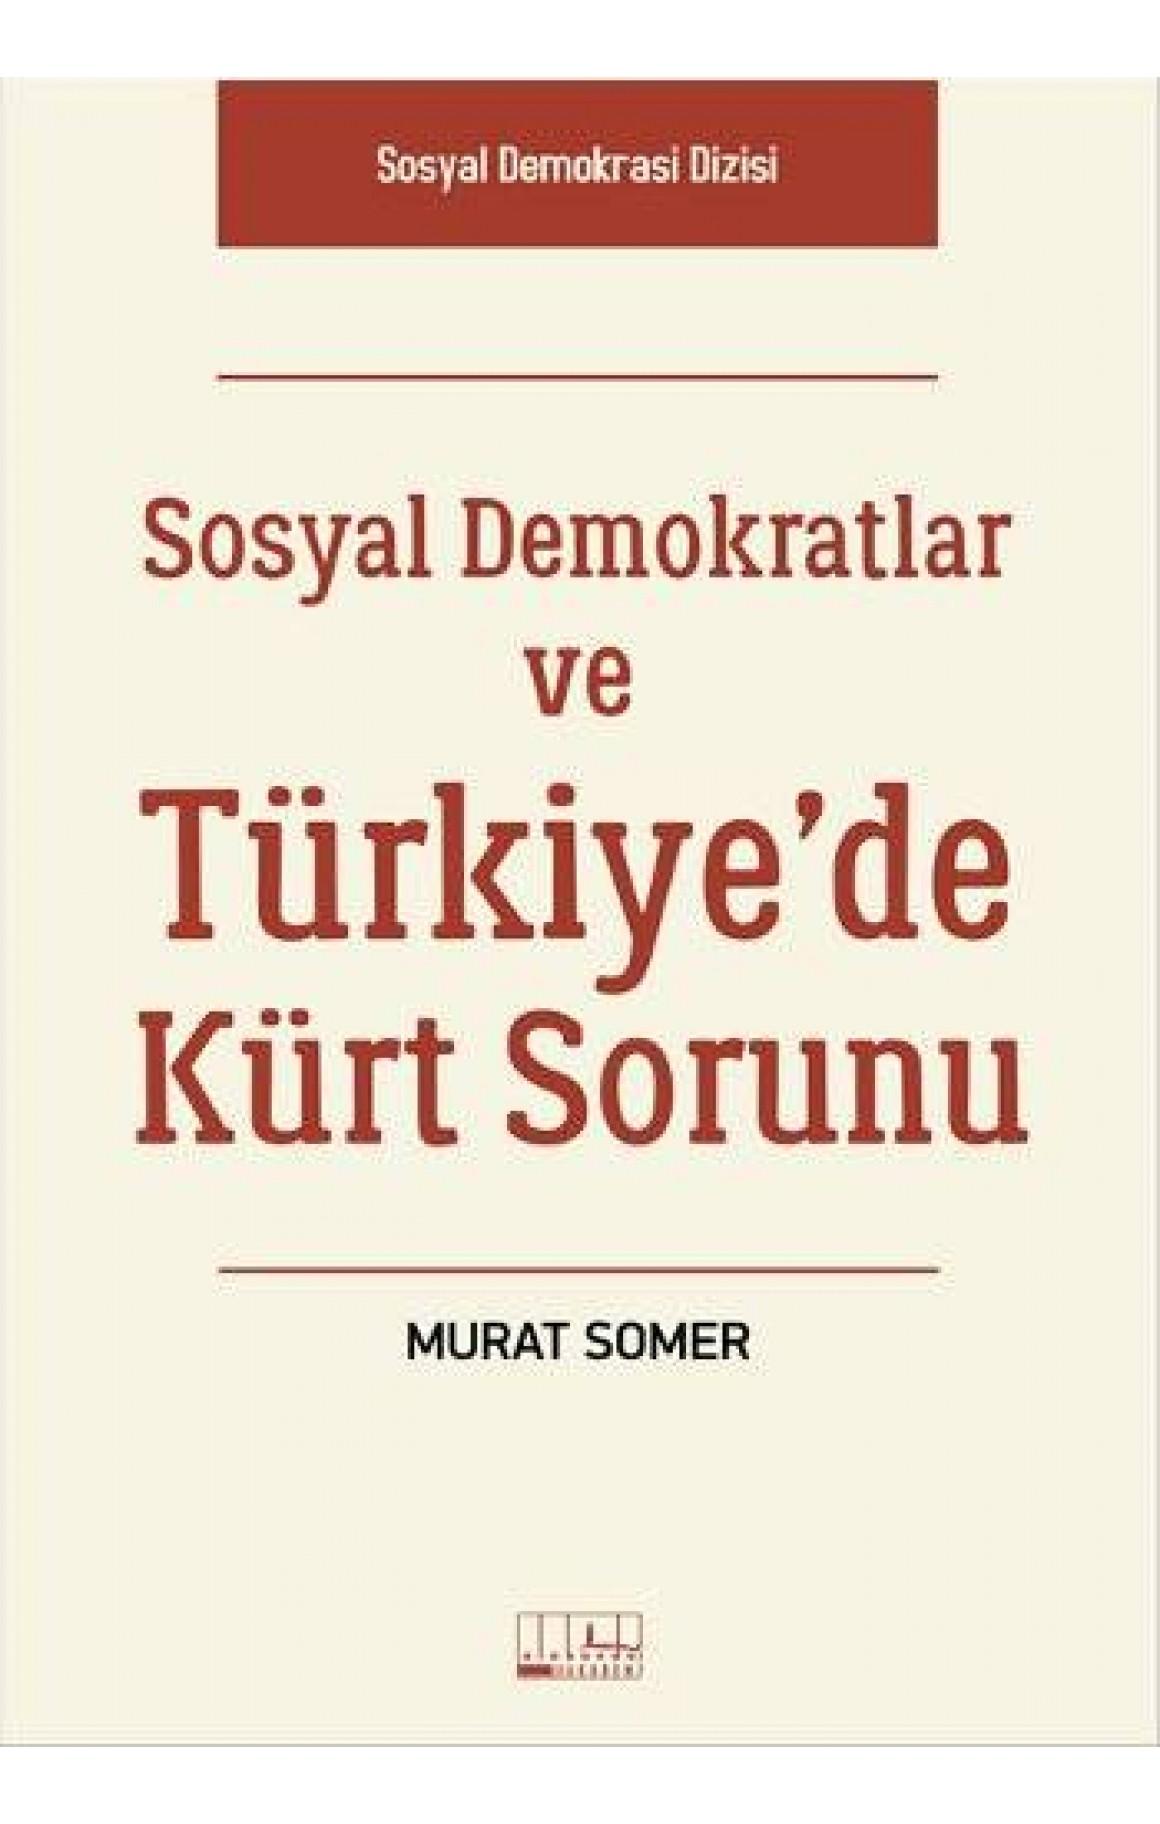 Sosyal Demokratlar ve Türkiyede Kürt Sorunu